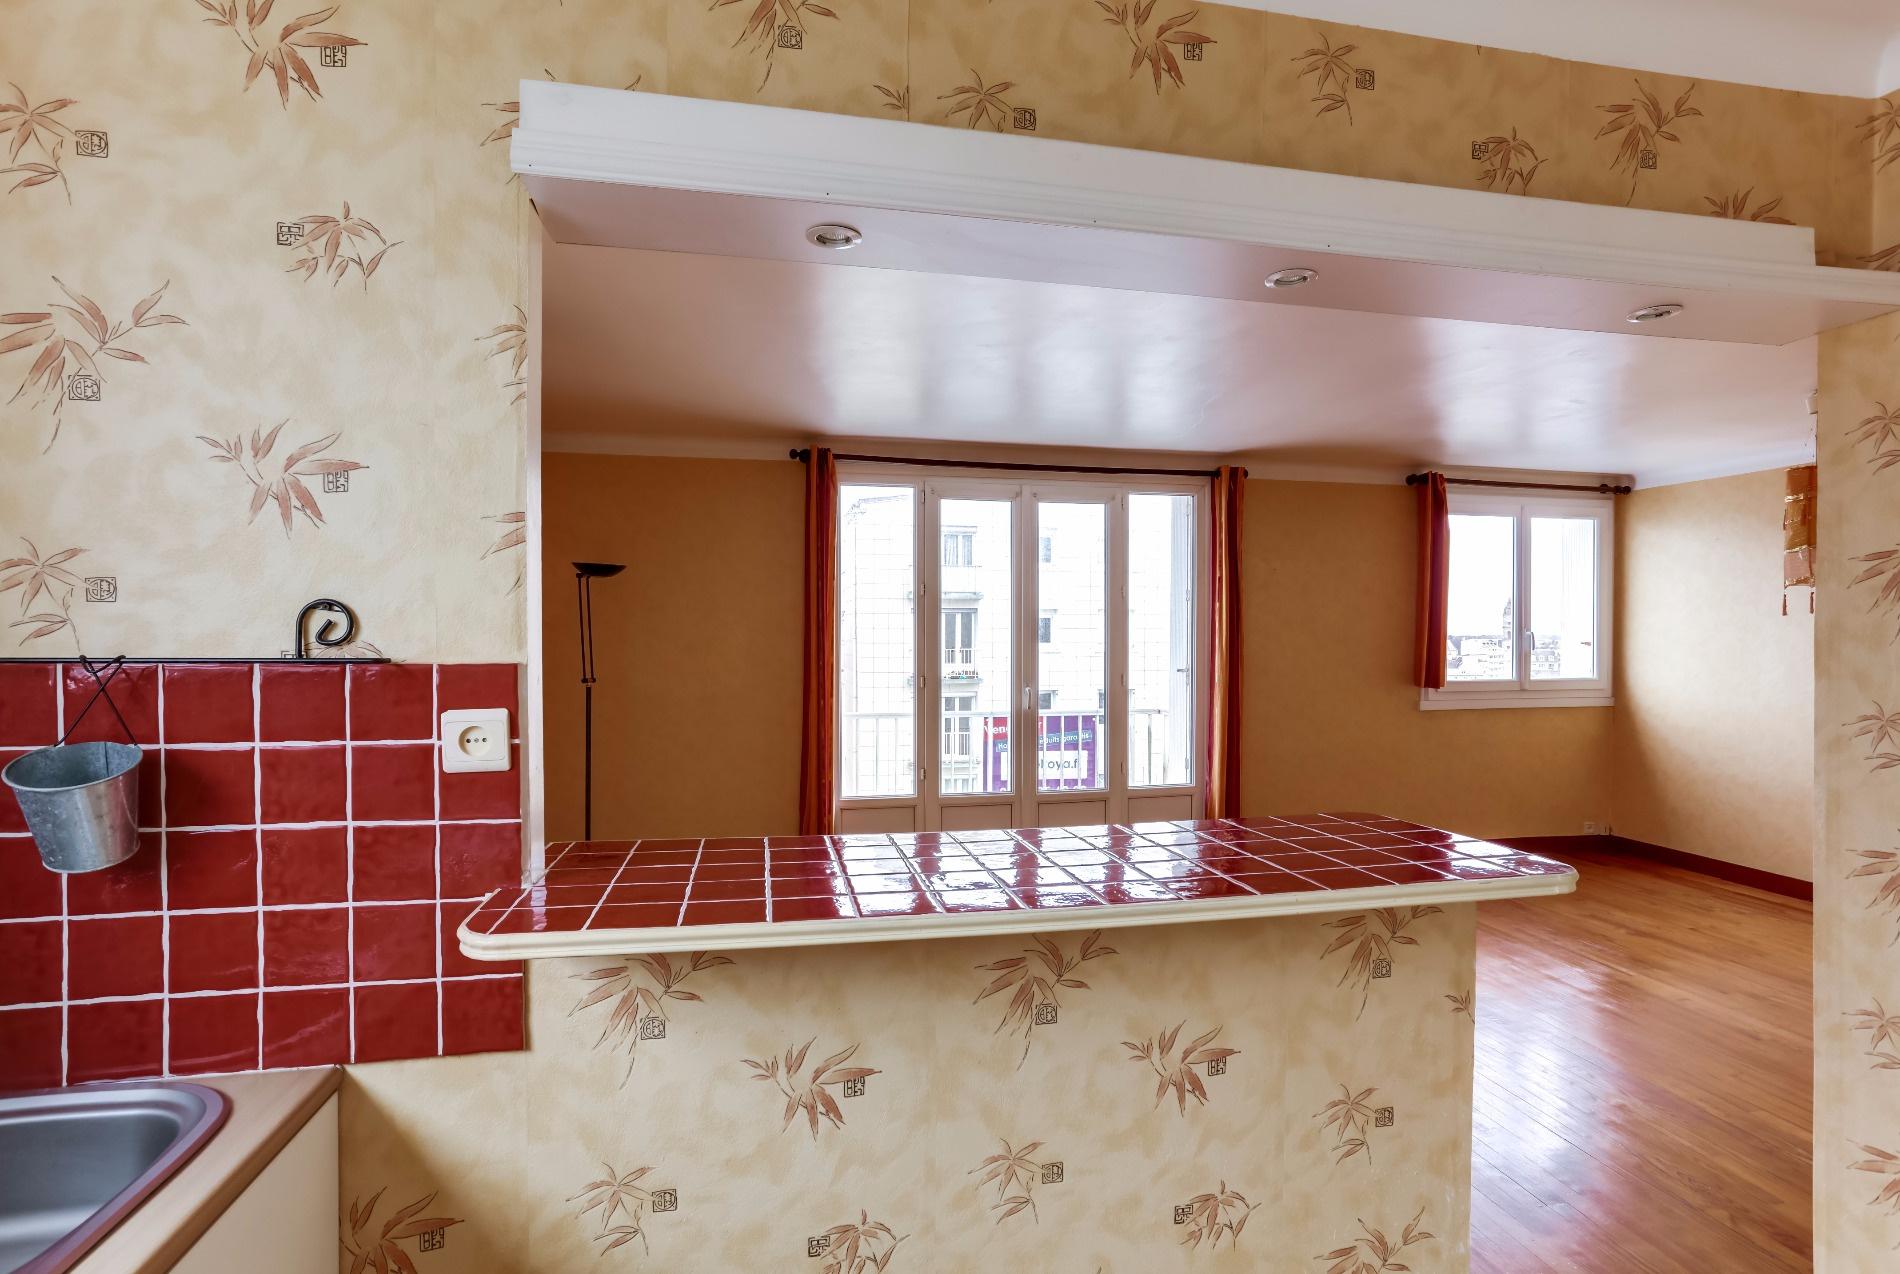 Appartement T2 Palais des Arts Vannes vue de la cuisine